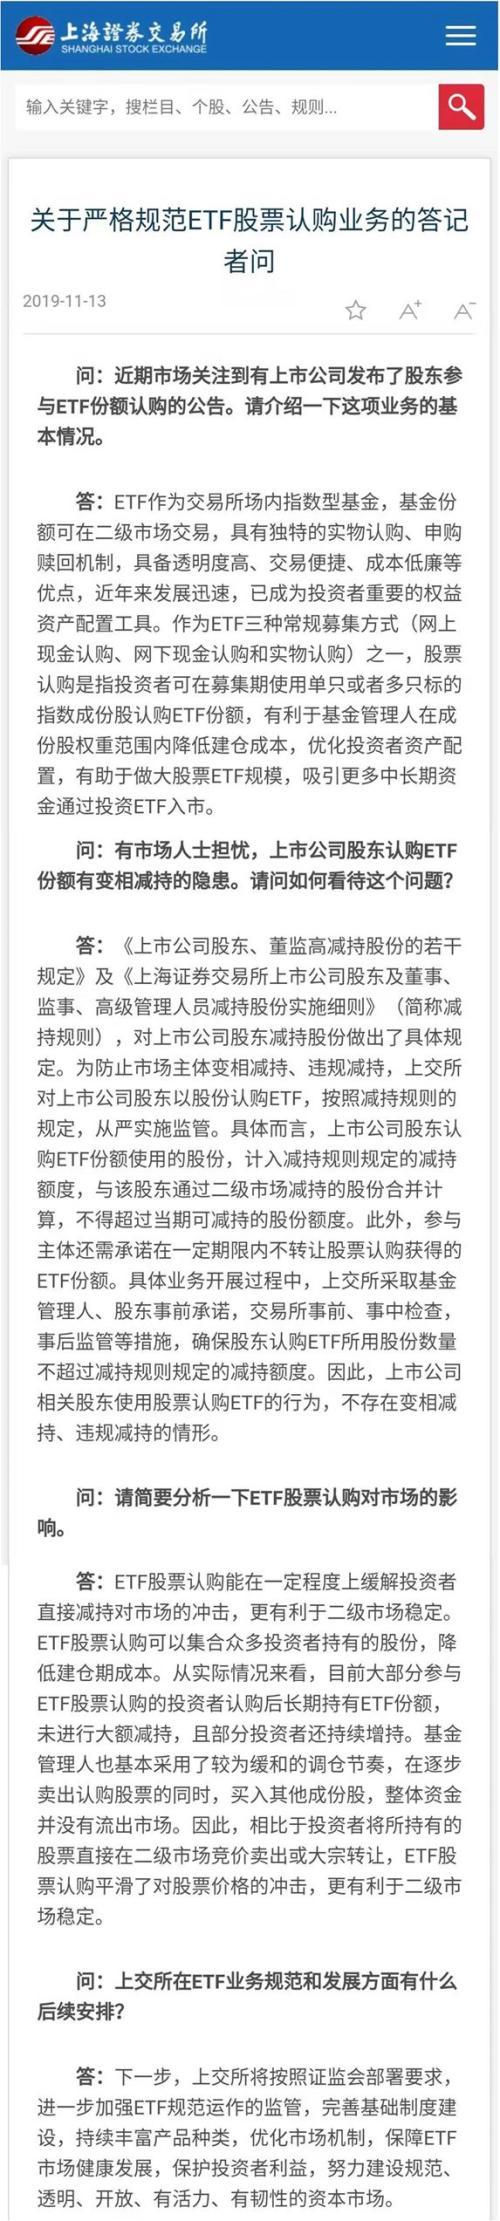 专业博猫注册|任泽平:2019中国经济有望年中触底 否极泰来